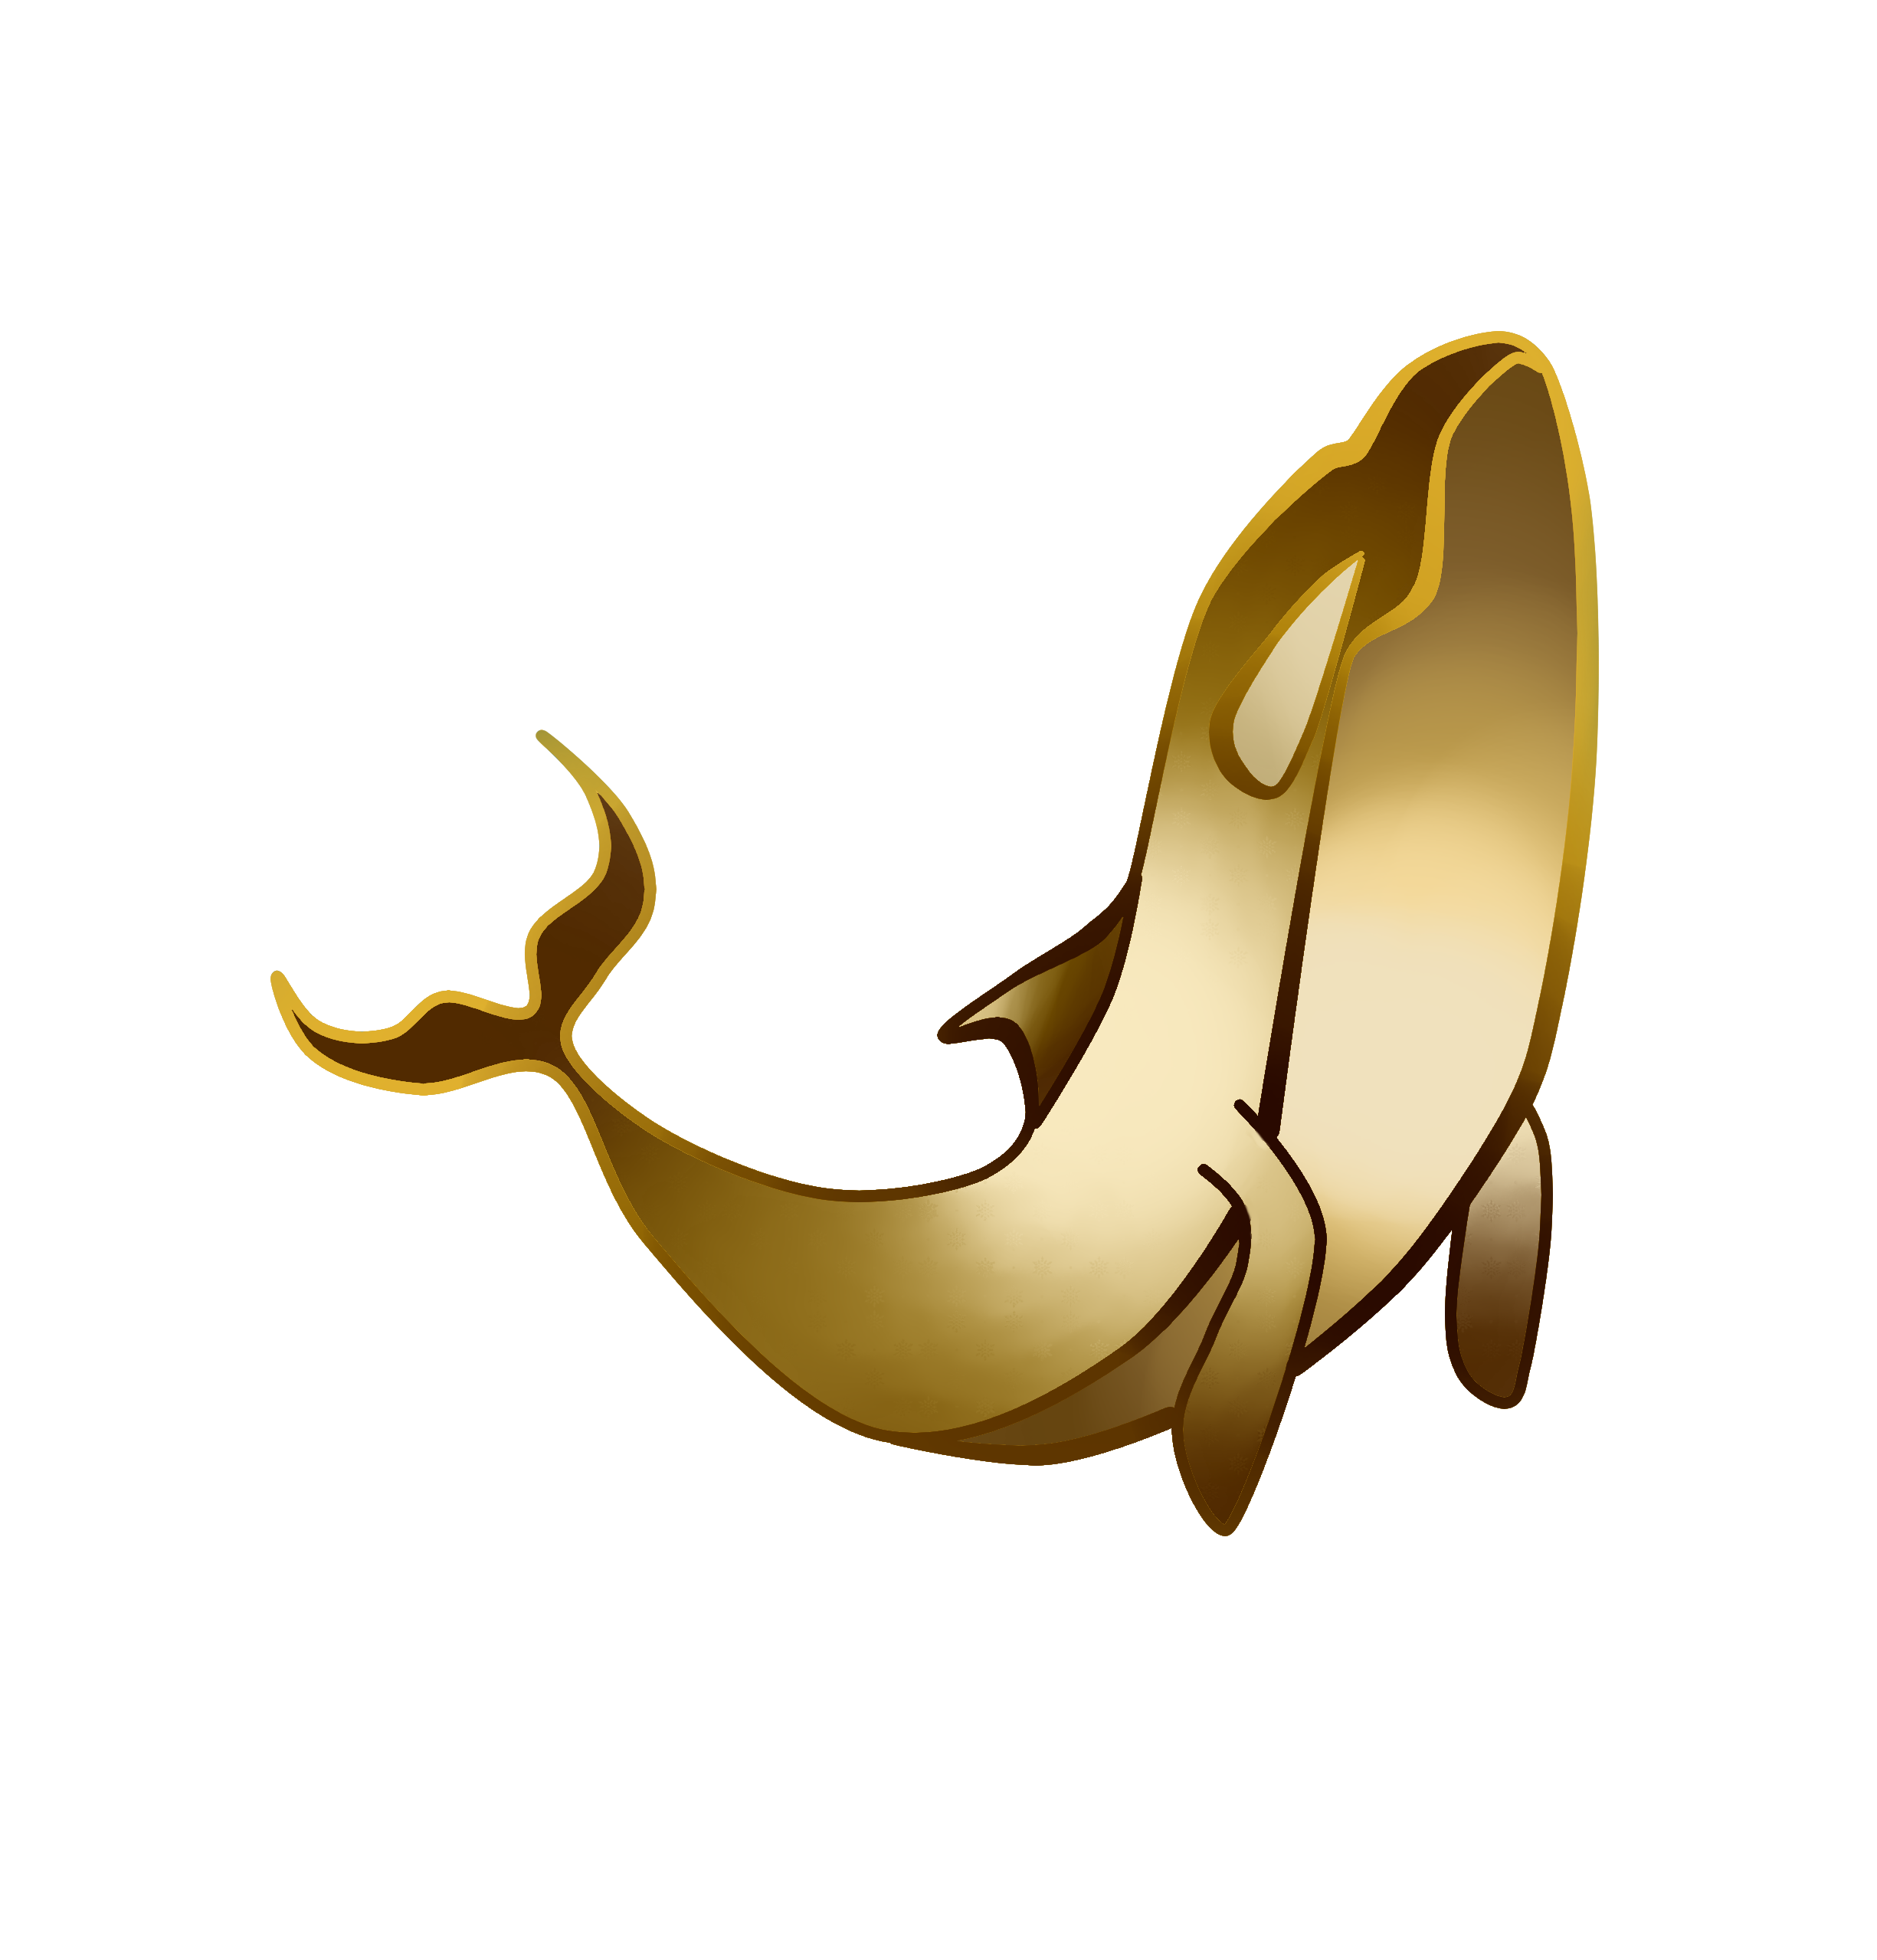 Разработка фирменного символа компании - касатки, НЕ ЛОГОТИП фото f_8725b0280b393a86.png